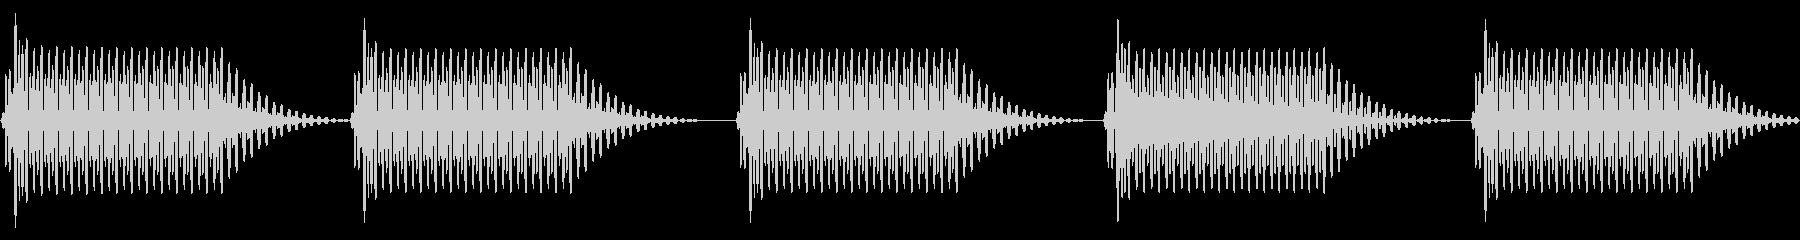 往年のRPG風 セリフ・吹き出し音 2の未再生の波形